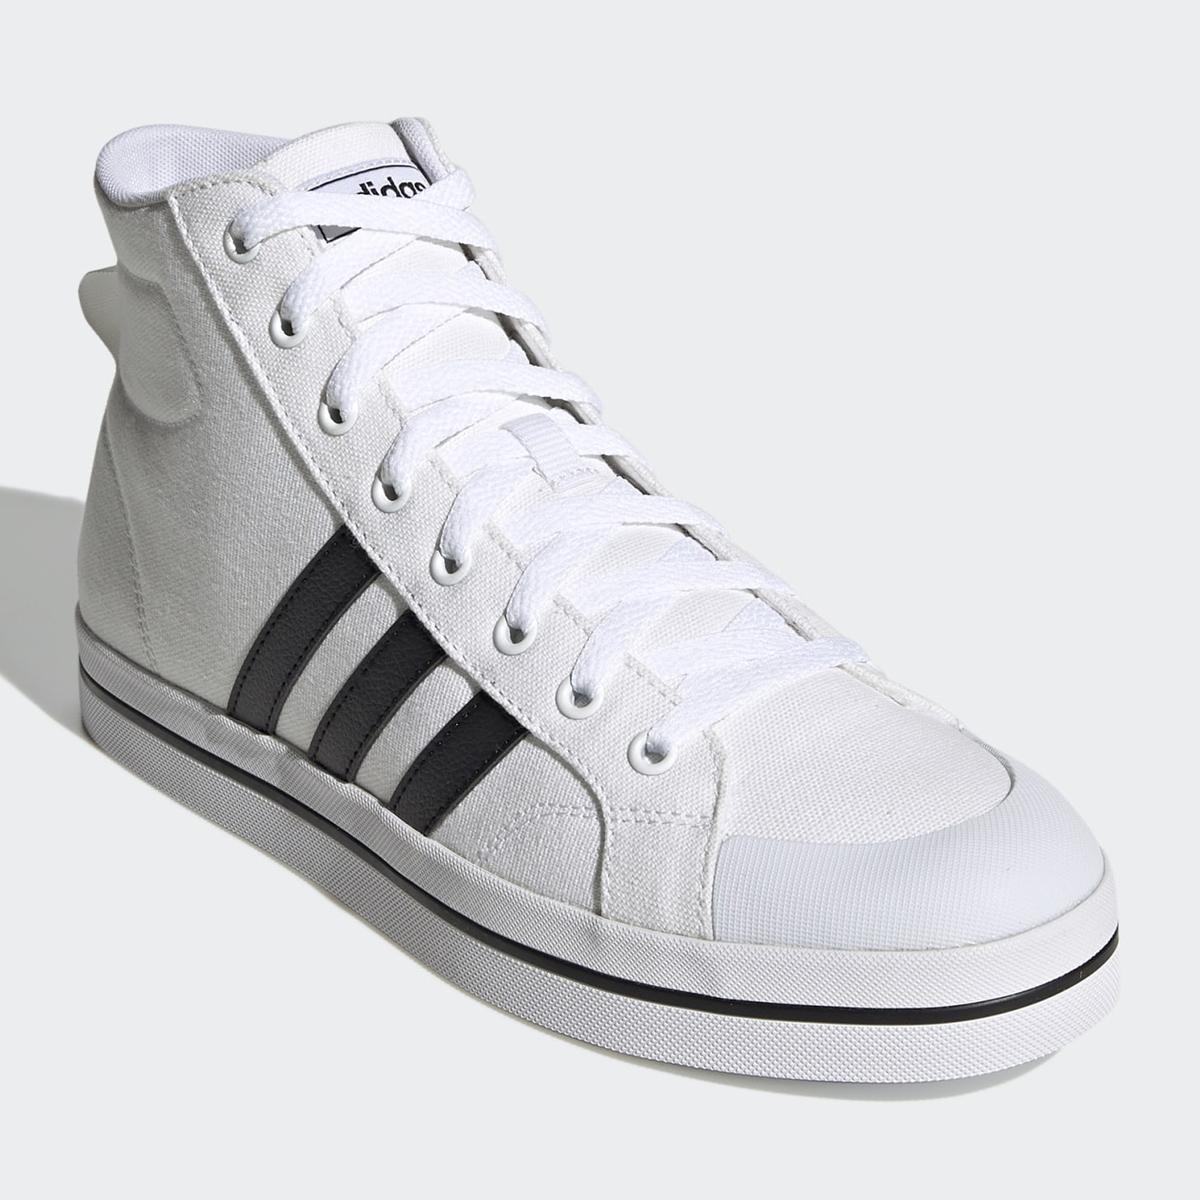 adidas Sneaker Bravada Mid in weiß/schwarz (Gr. 39 1/3 - 47 1/3)